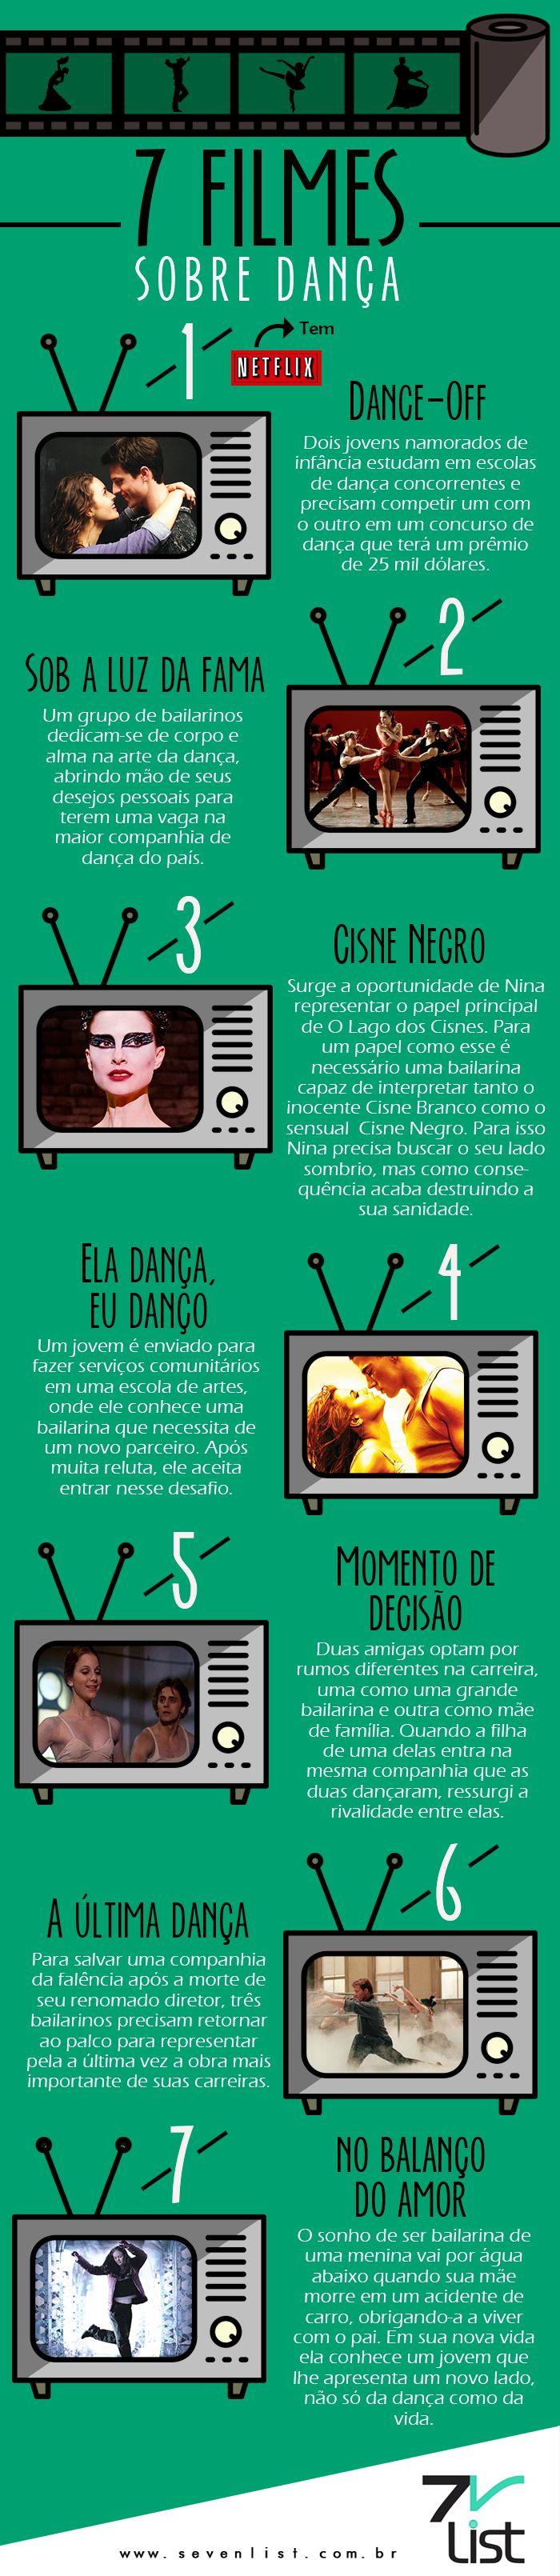 Dança, Ballet, Dance, Filmes, Bailarina, infrográfico, design.  www.sevenlist.com.br